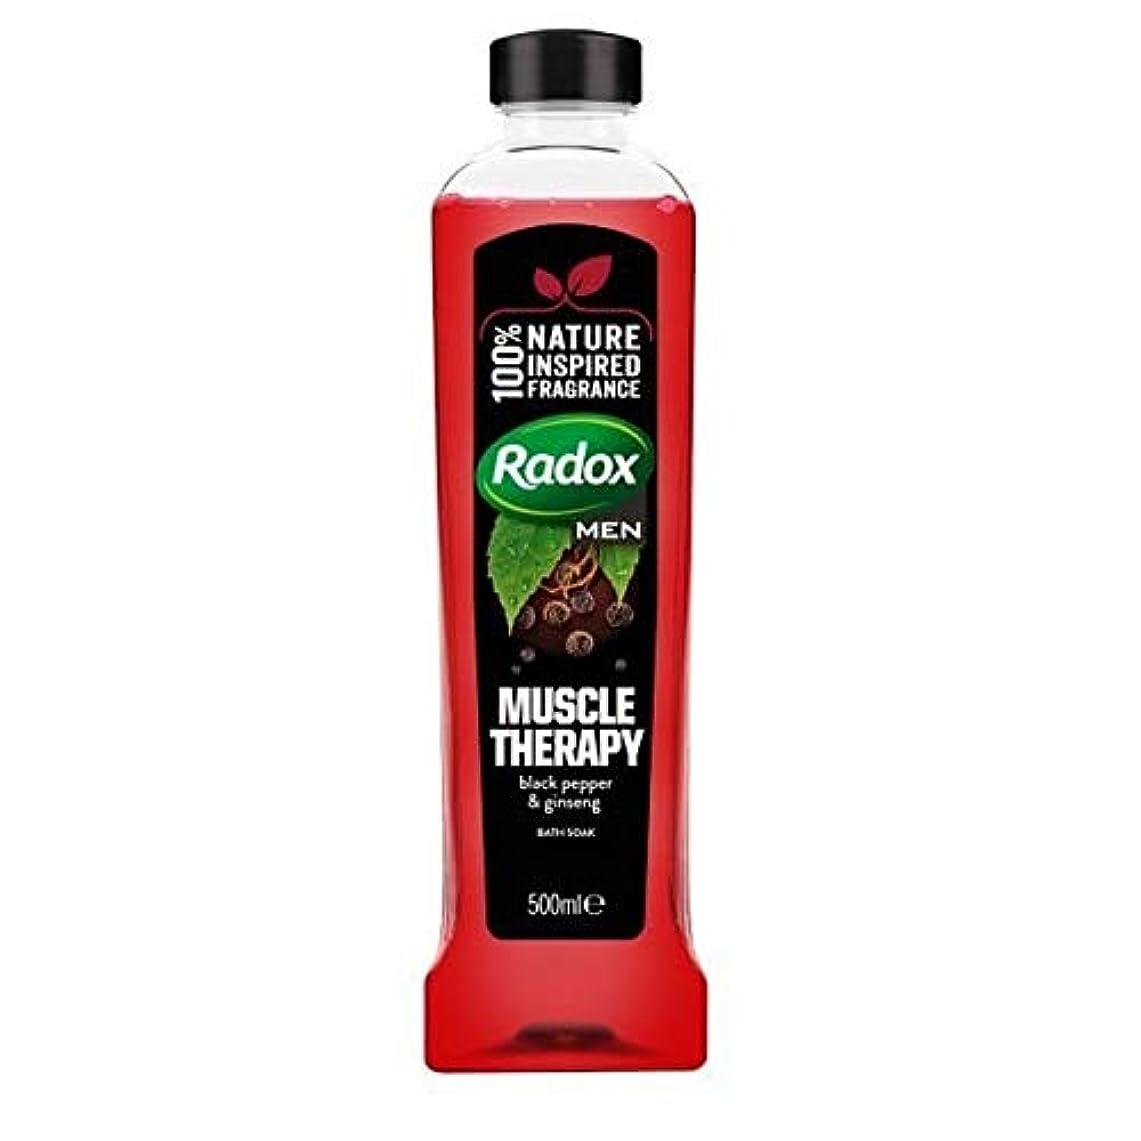 アルプス里親広告主[Radox] Radoxは、500ミリリットルのソーク良い香り筋肉の治療風呂を感じます - Radox Feel Good Fragrance Muscle Therapy Bath Soak 500ml [並行輸入品]